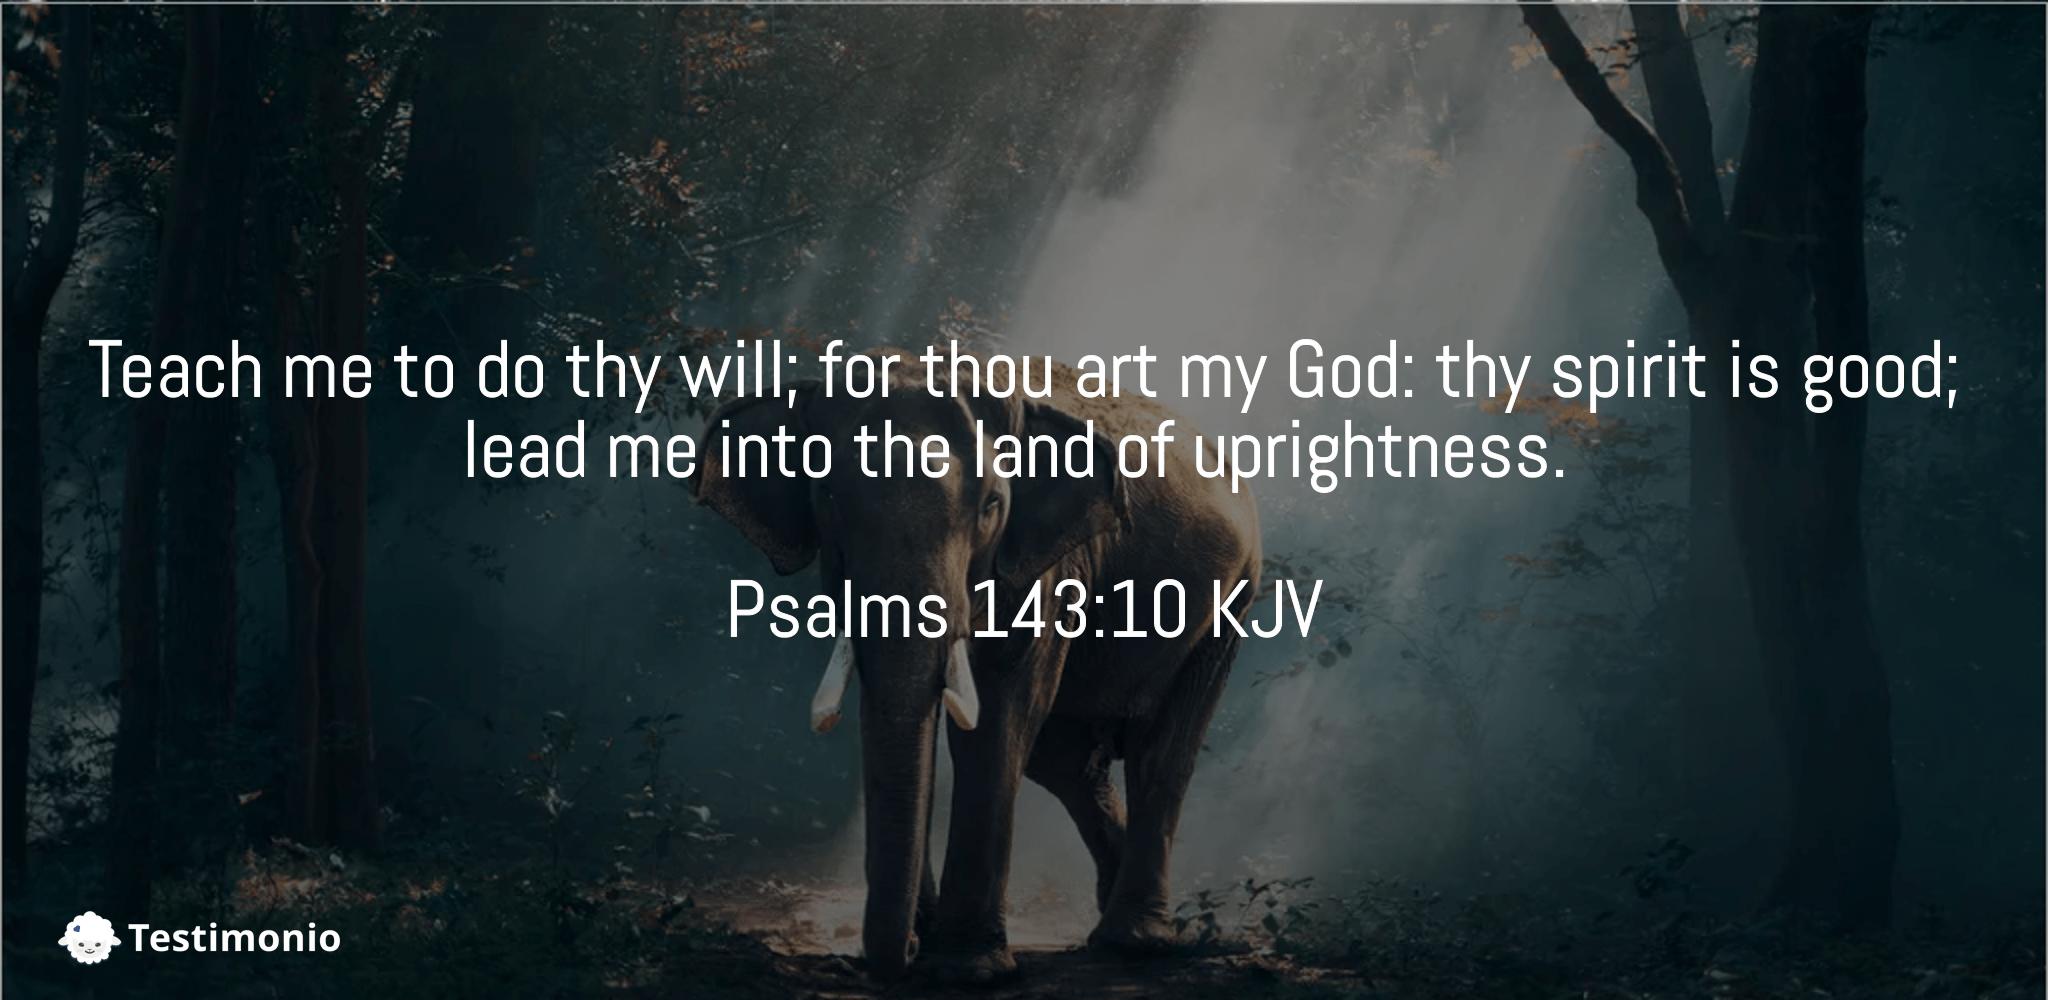 Psalms 143:10